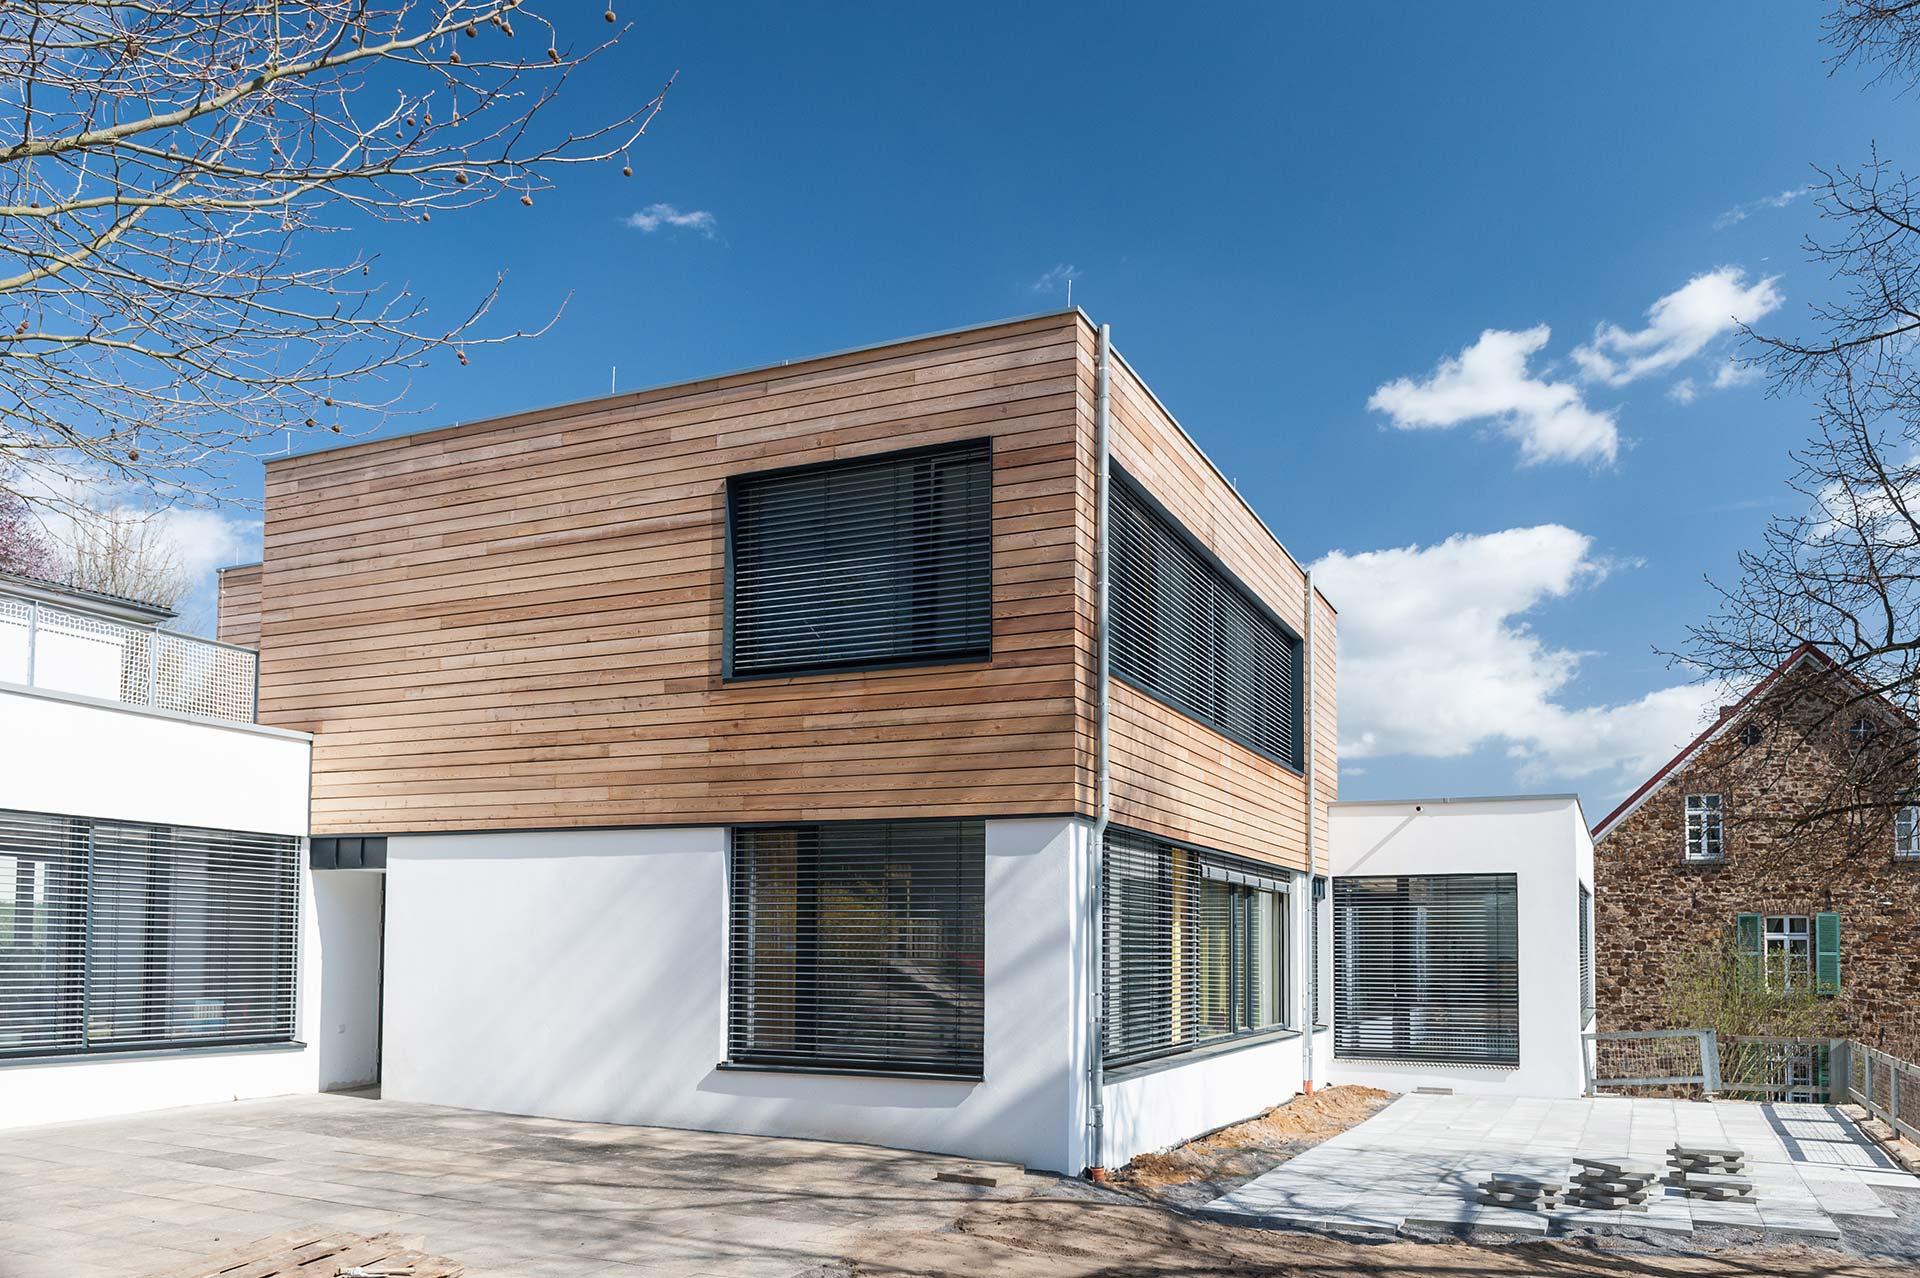 KlimaKita, energetische Sanierung, raum für architektur